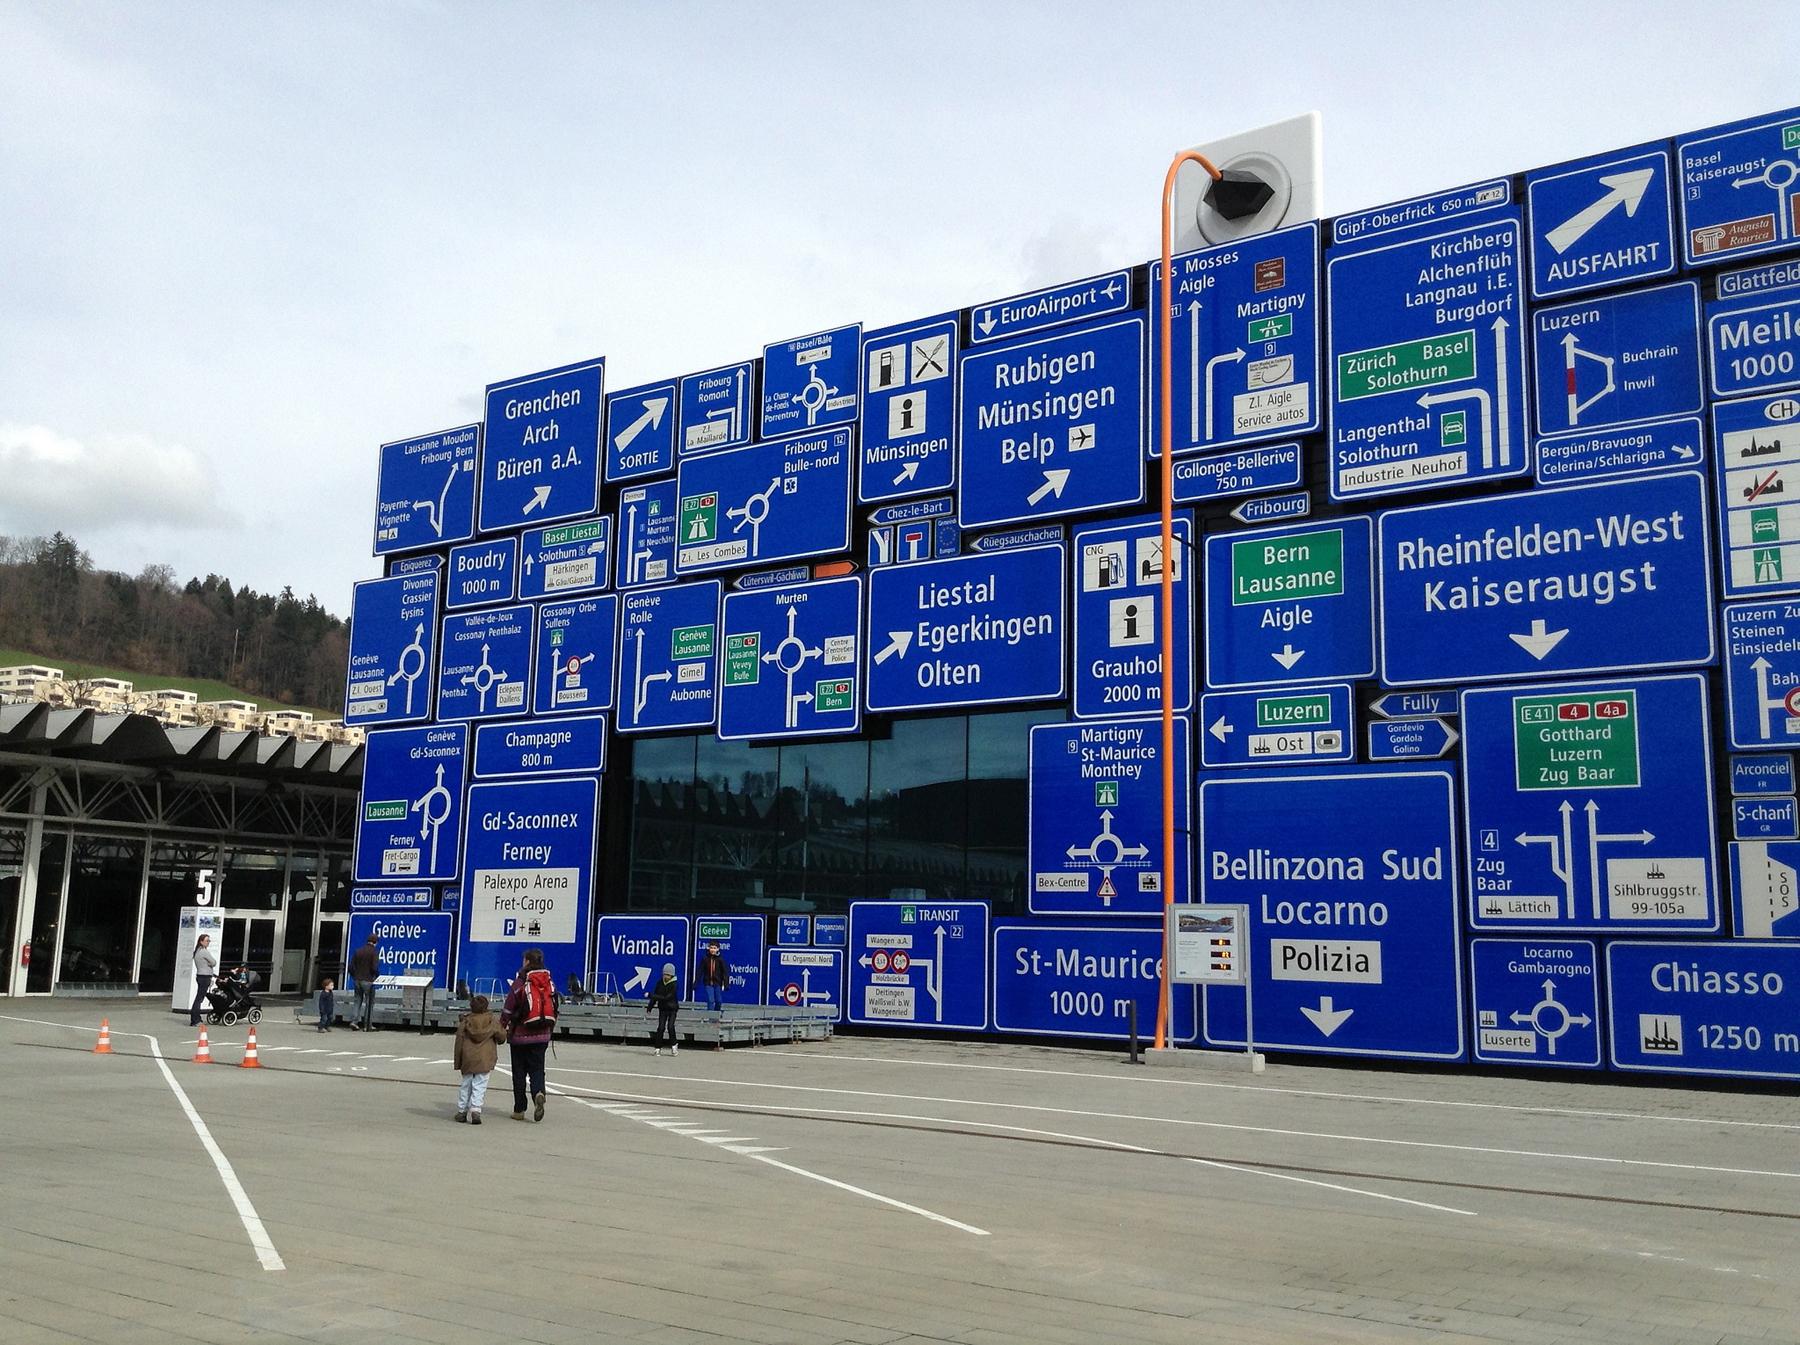 Швейцарский музей транспорта, Люцерн